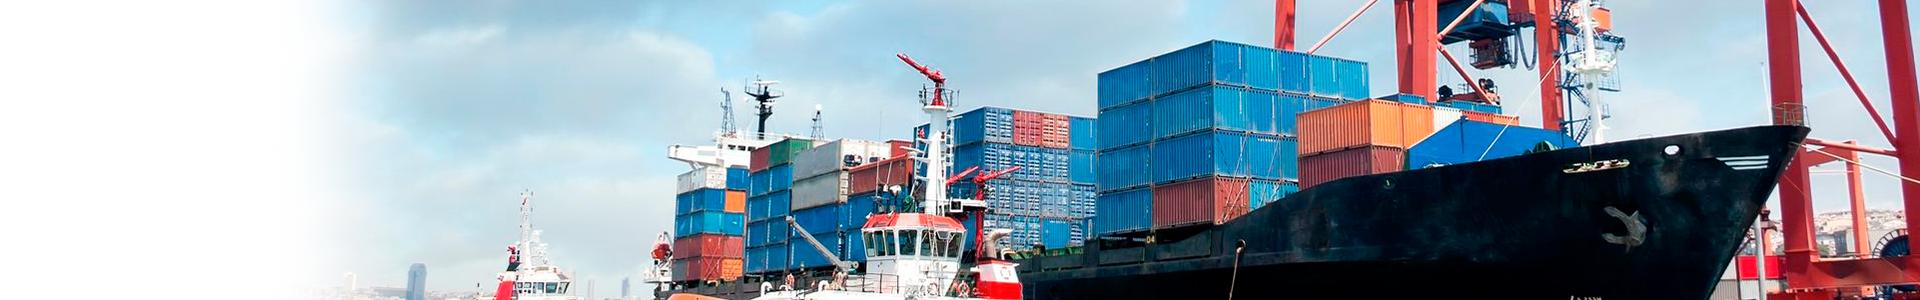 Transportes_colombia_eam_importaciones_exportaciones